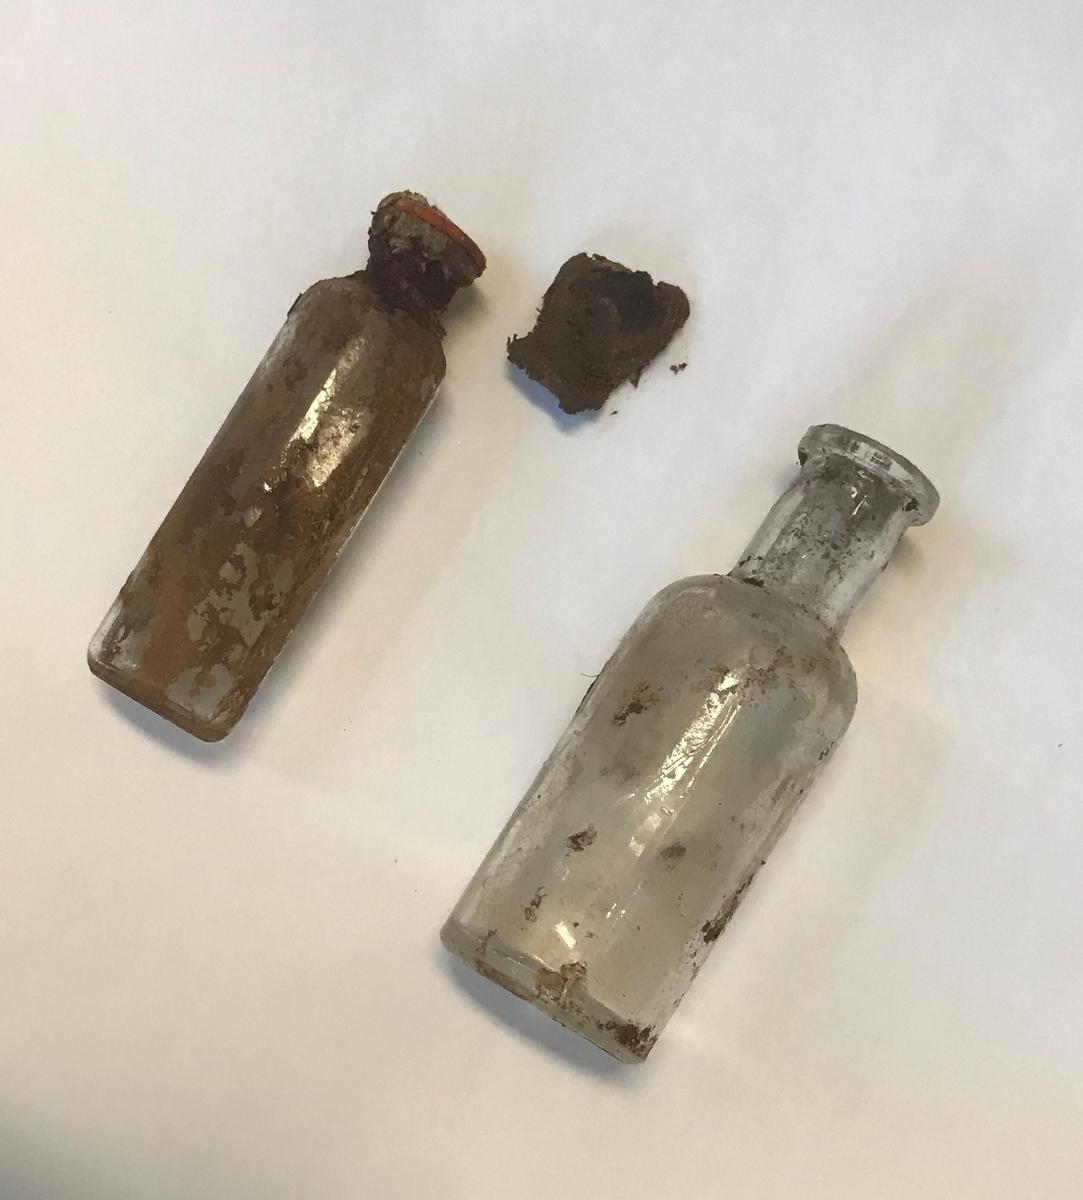 Rifle, et par gummistøvler, arbåndsur, tekstilrester, lommelykt, insulinsprøyte i metallrør, penn, kniv, slire, 13 mynter, en plastbit, hanske, 2 små glassflasker og en stor glassflaske.